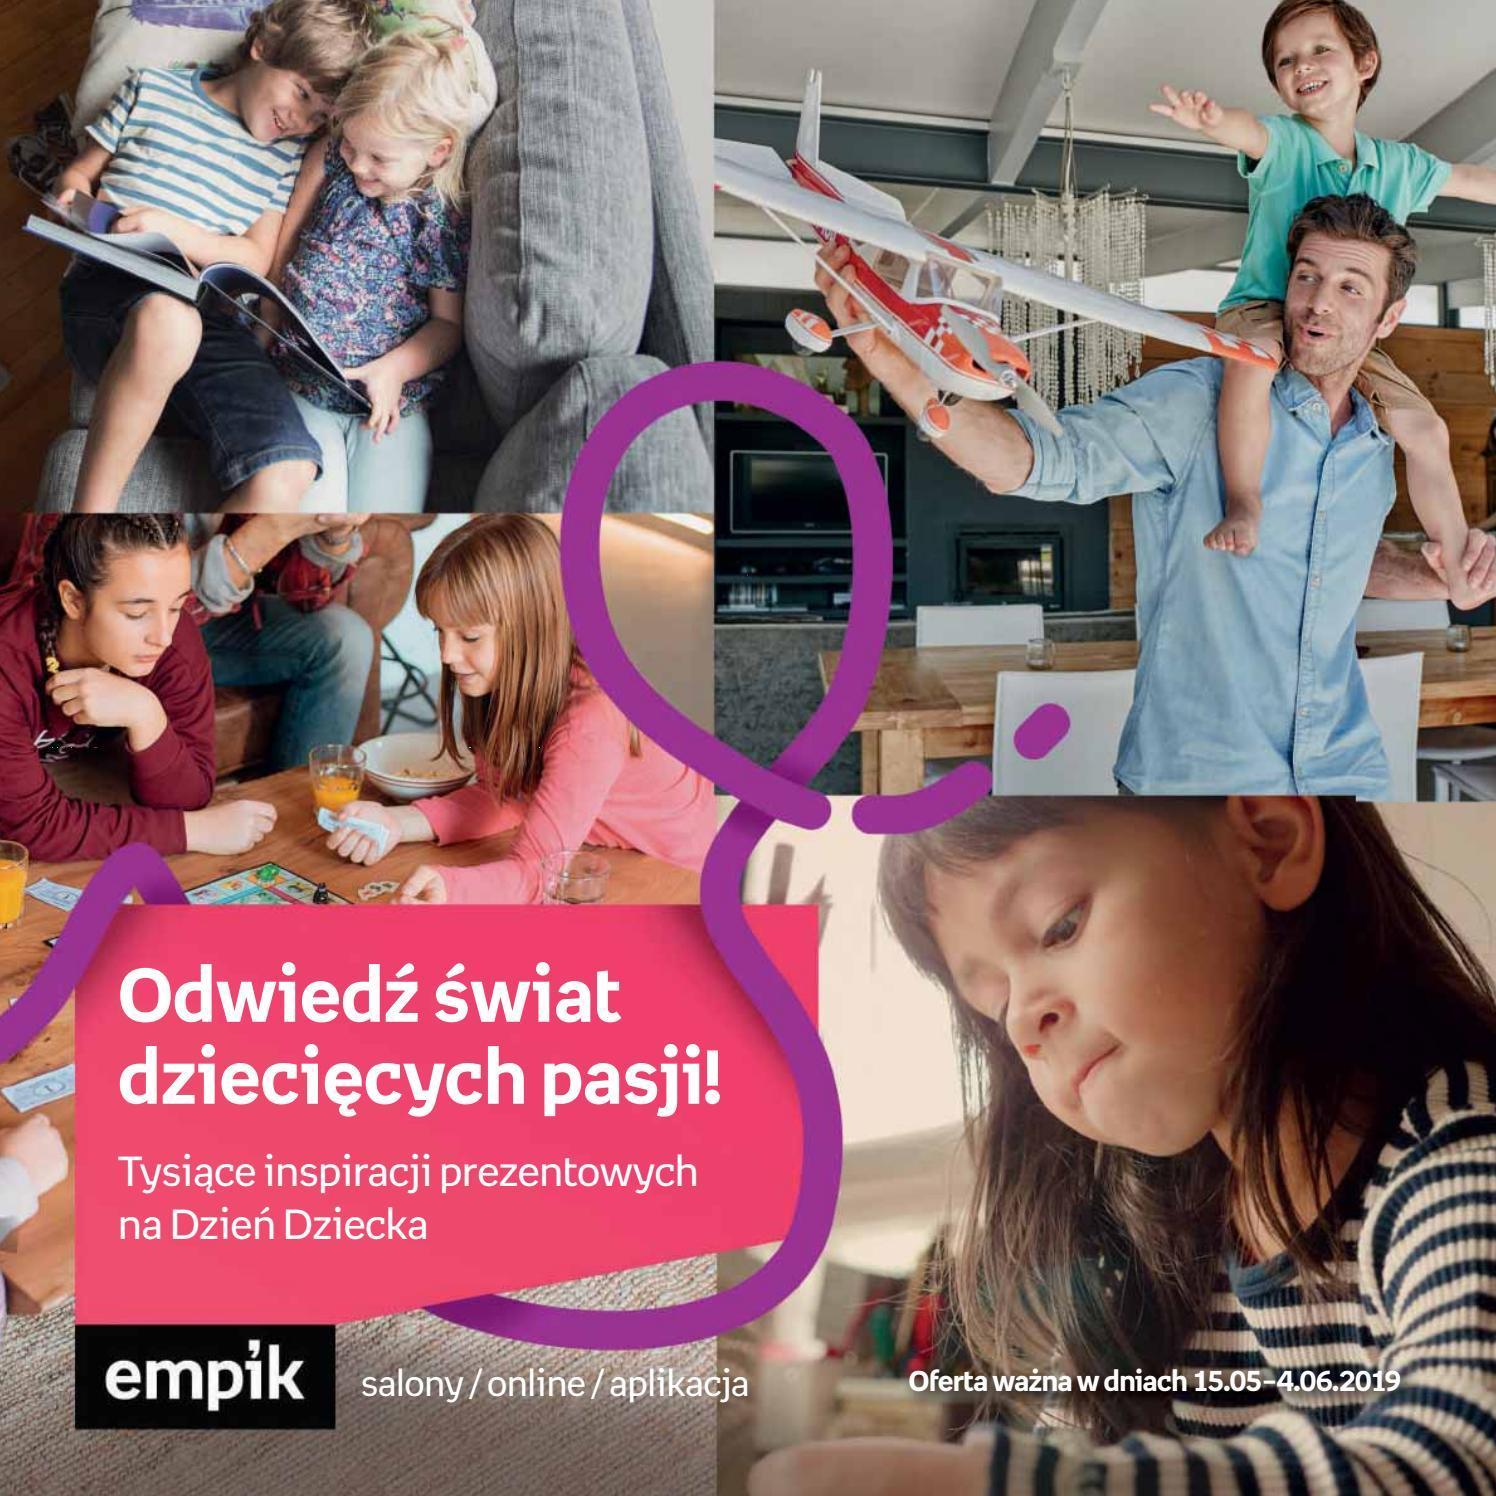 Gazetka promocyjna empik do 04/06/2019 str.0